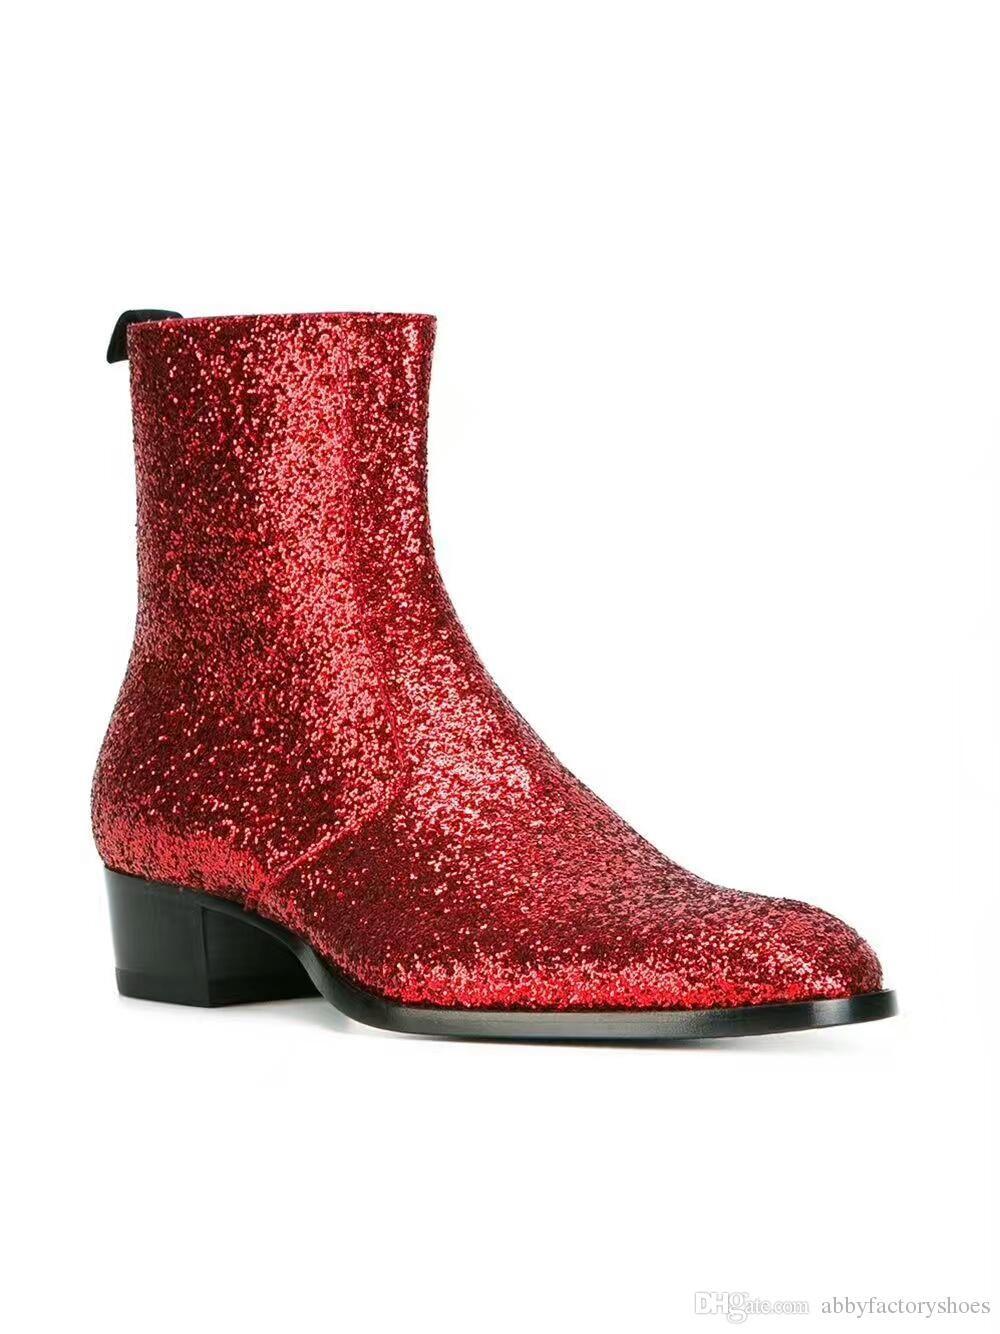 2017 Chelsea boots men Glitter Sequin